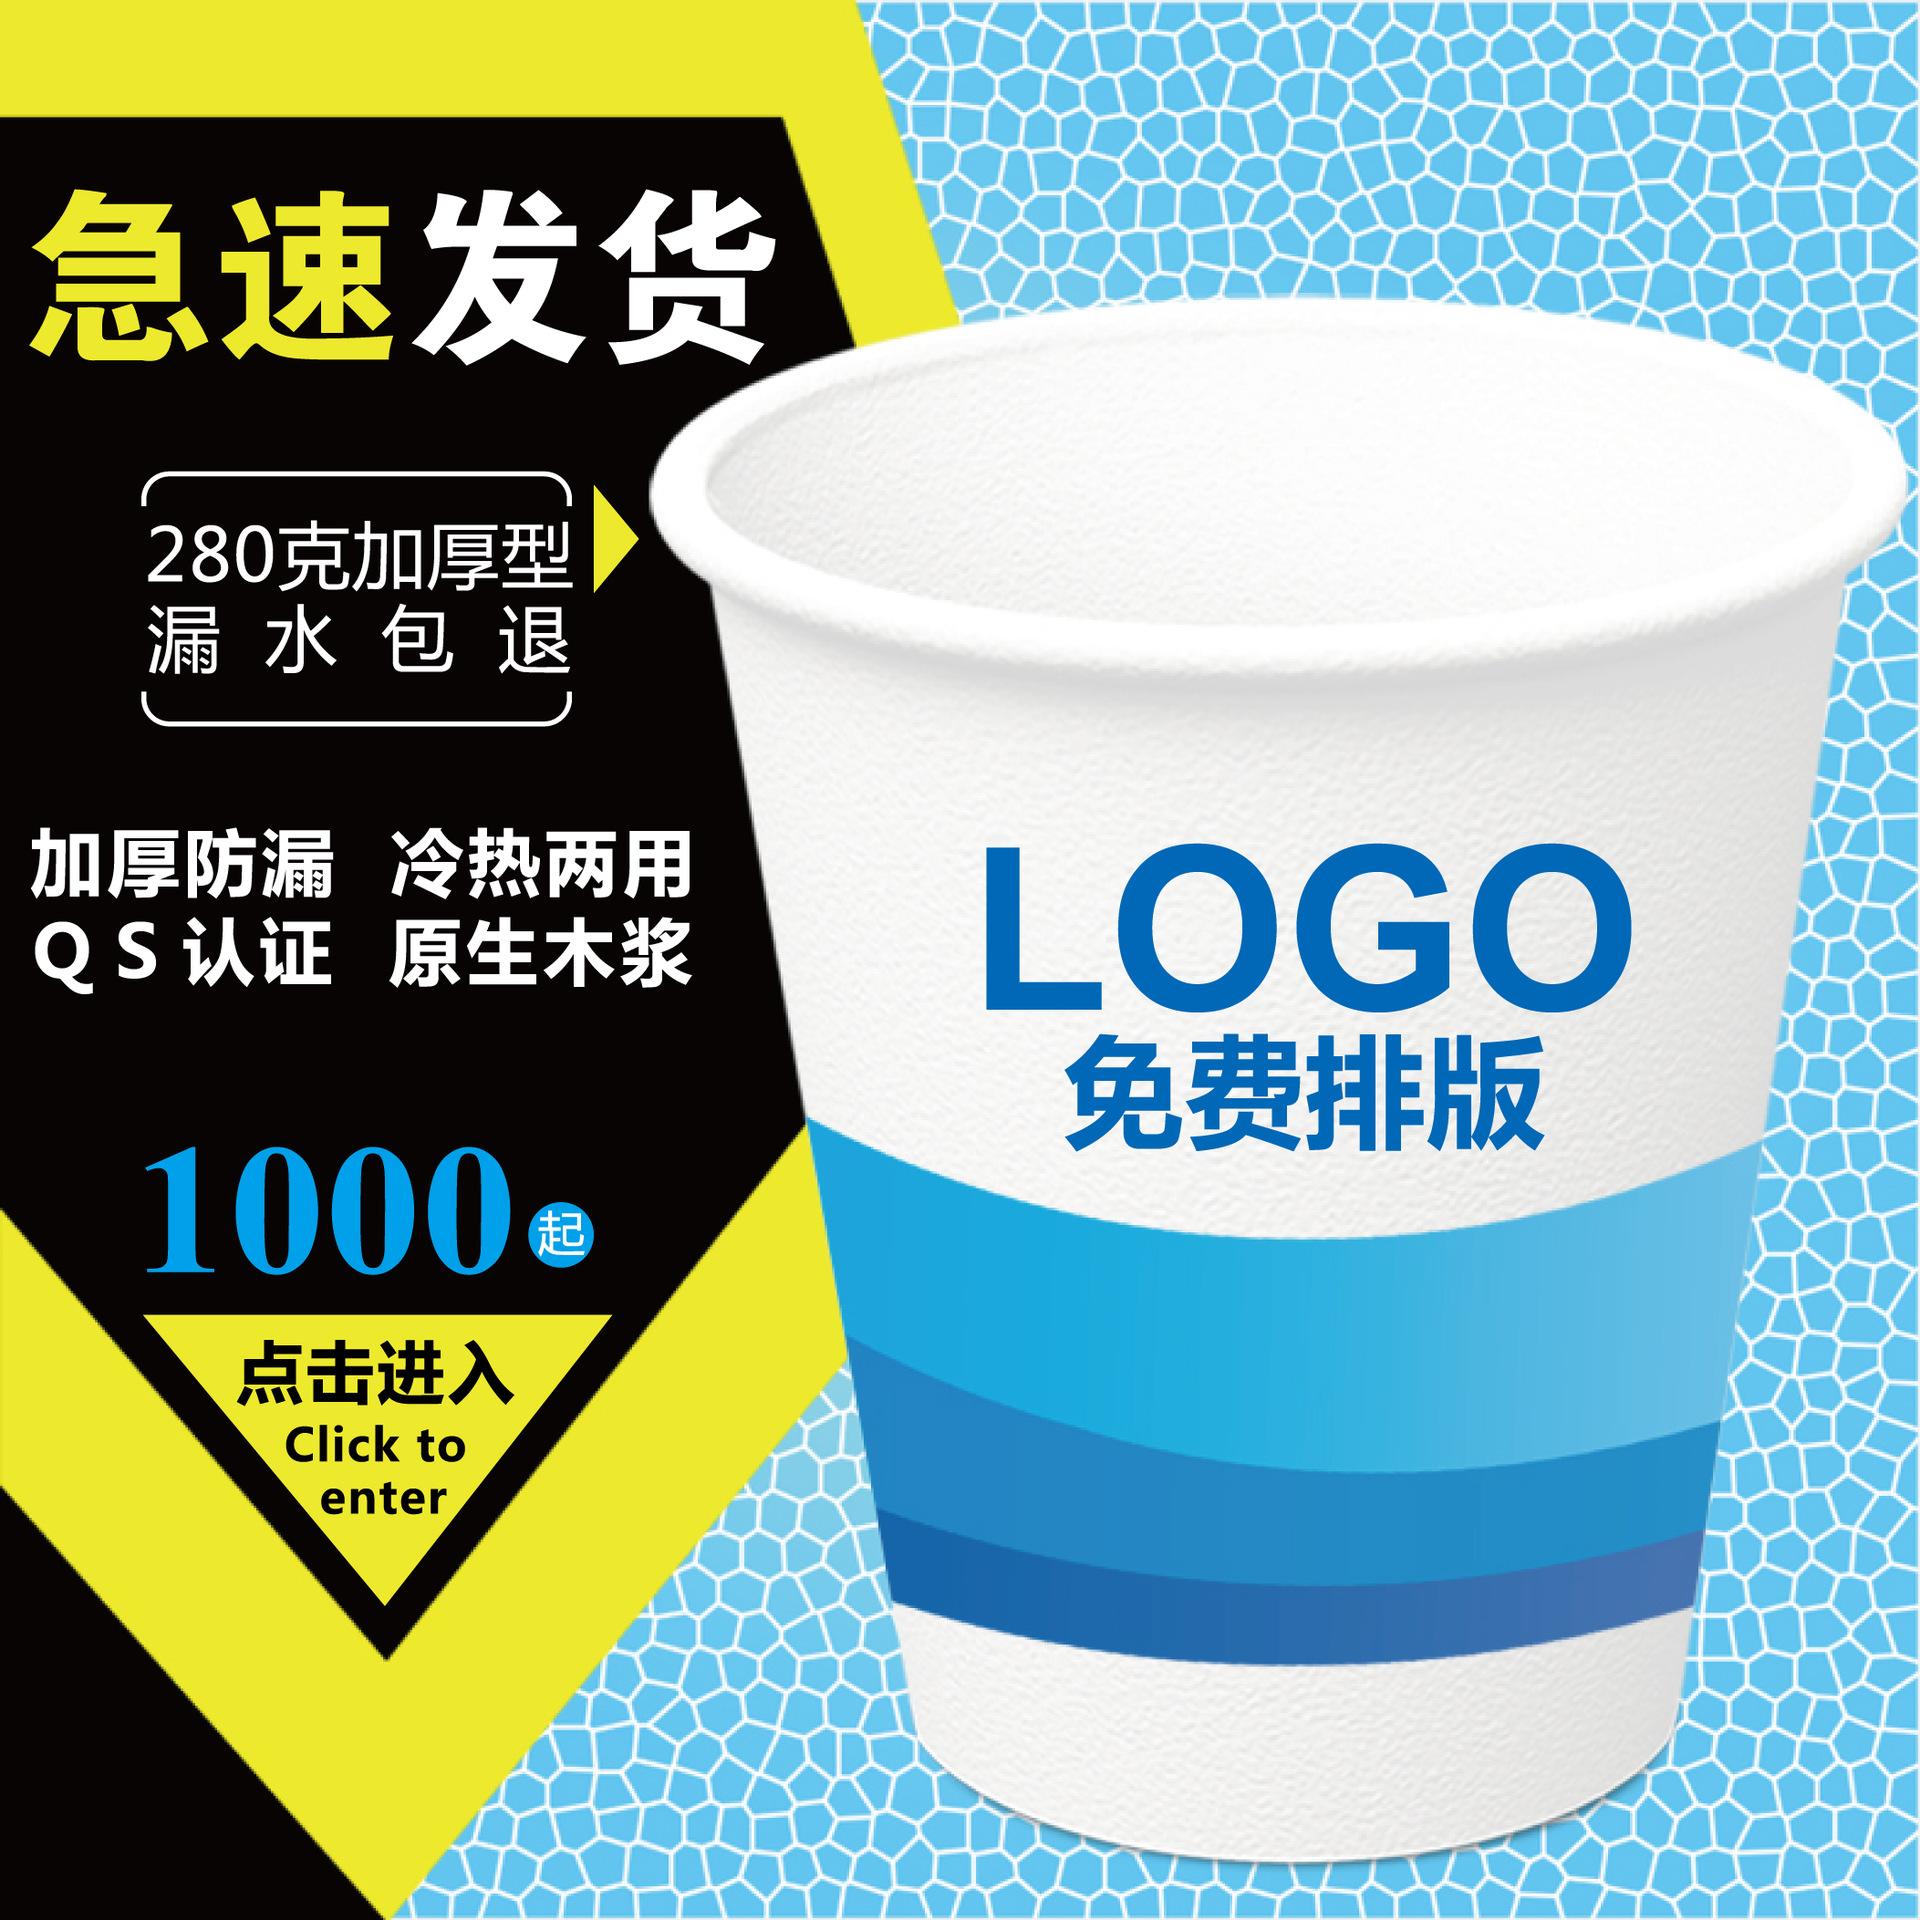 KEHUI Ly giấy Nhà sản xuất cốc giấy tùy chỉnh bán buôn logo tùy chỉnh cốc giấy dùng một lần 7/9 ounc